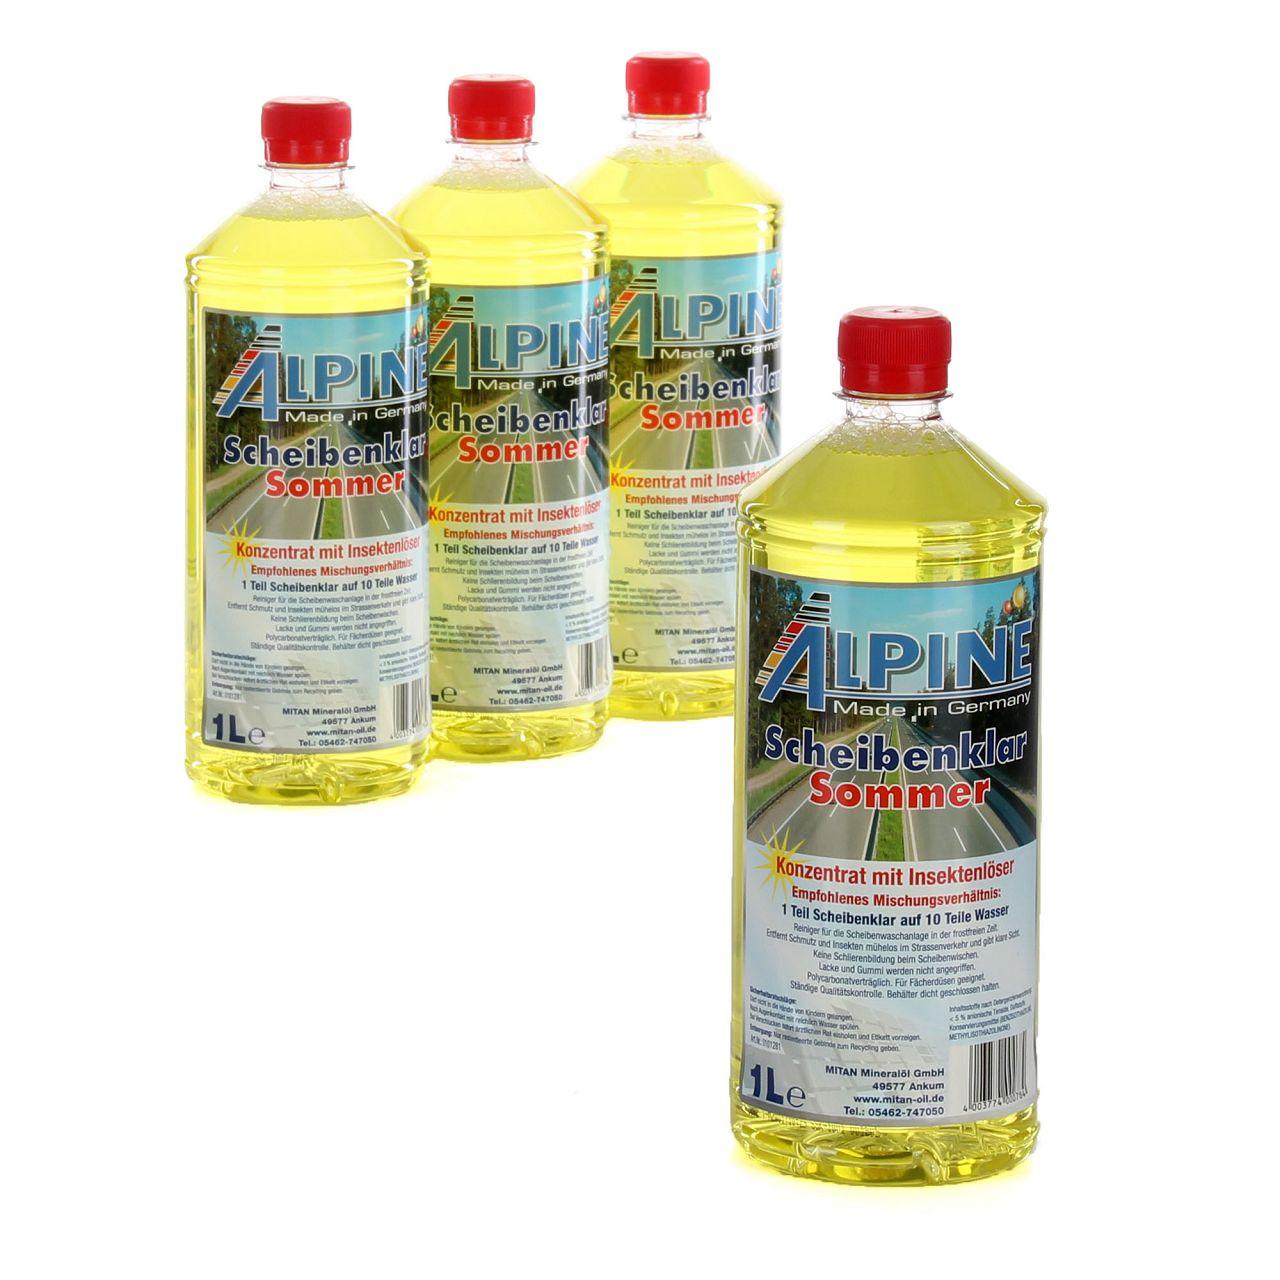 ALPINE Scheibenklar Sommer 1:10 Konzentrat Insektenlöser Citrusduft - 4L 4 Liter